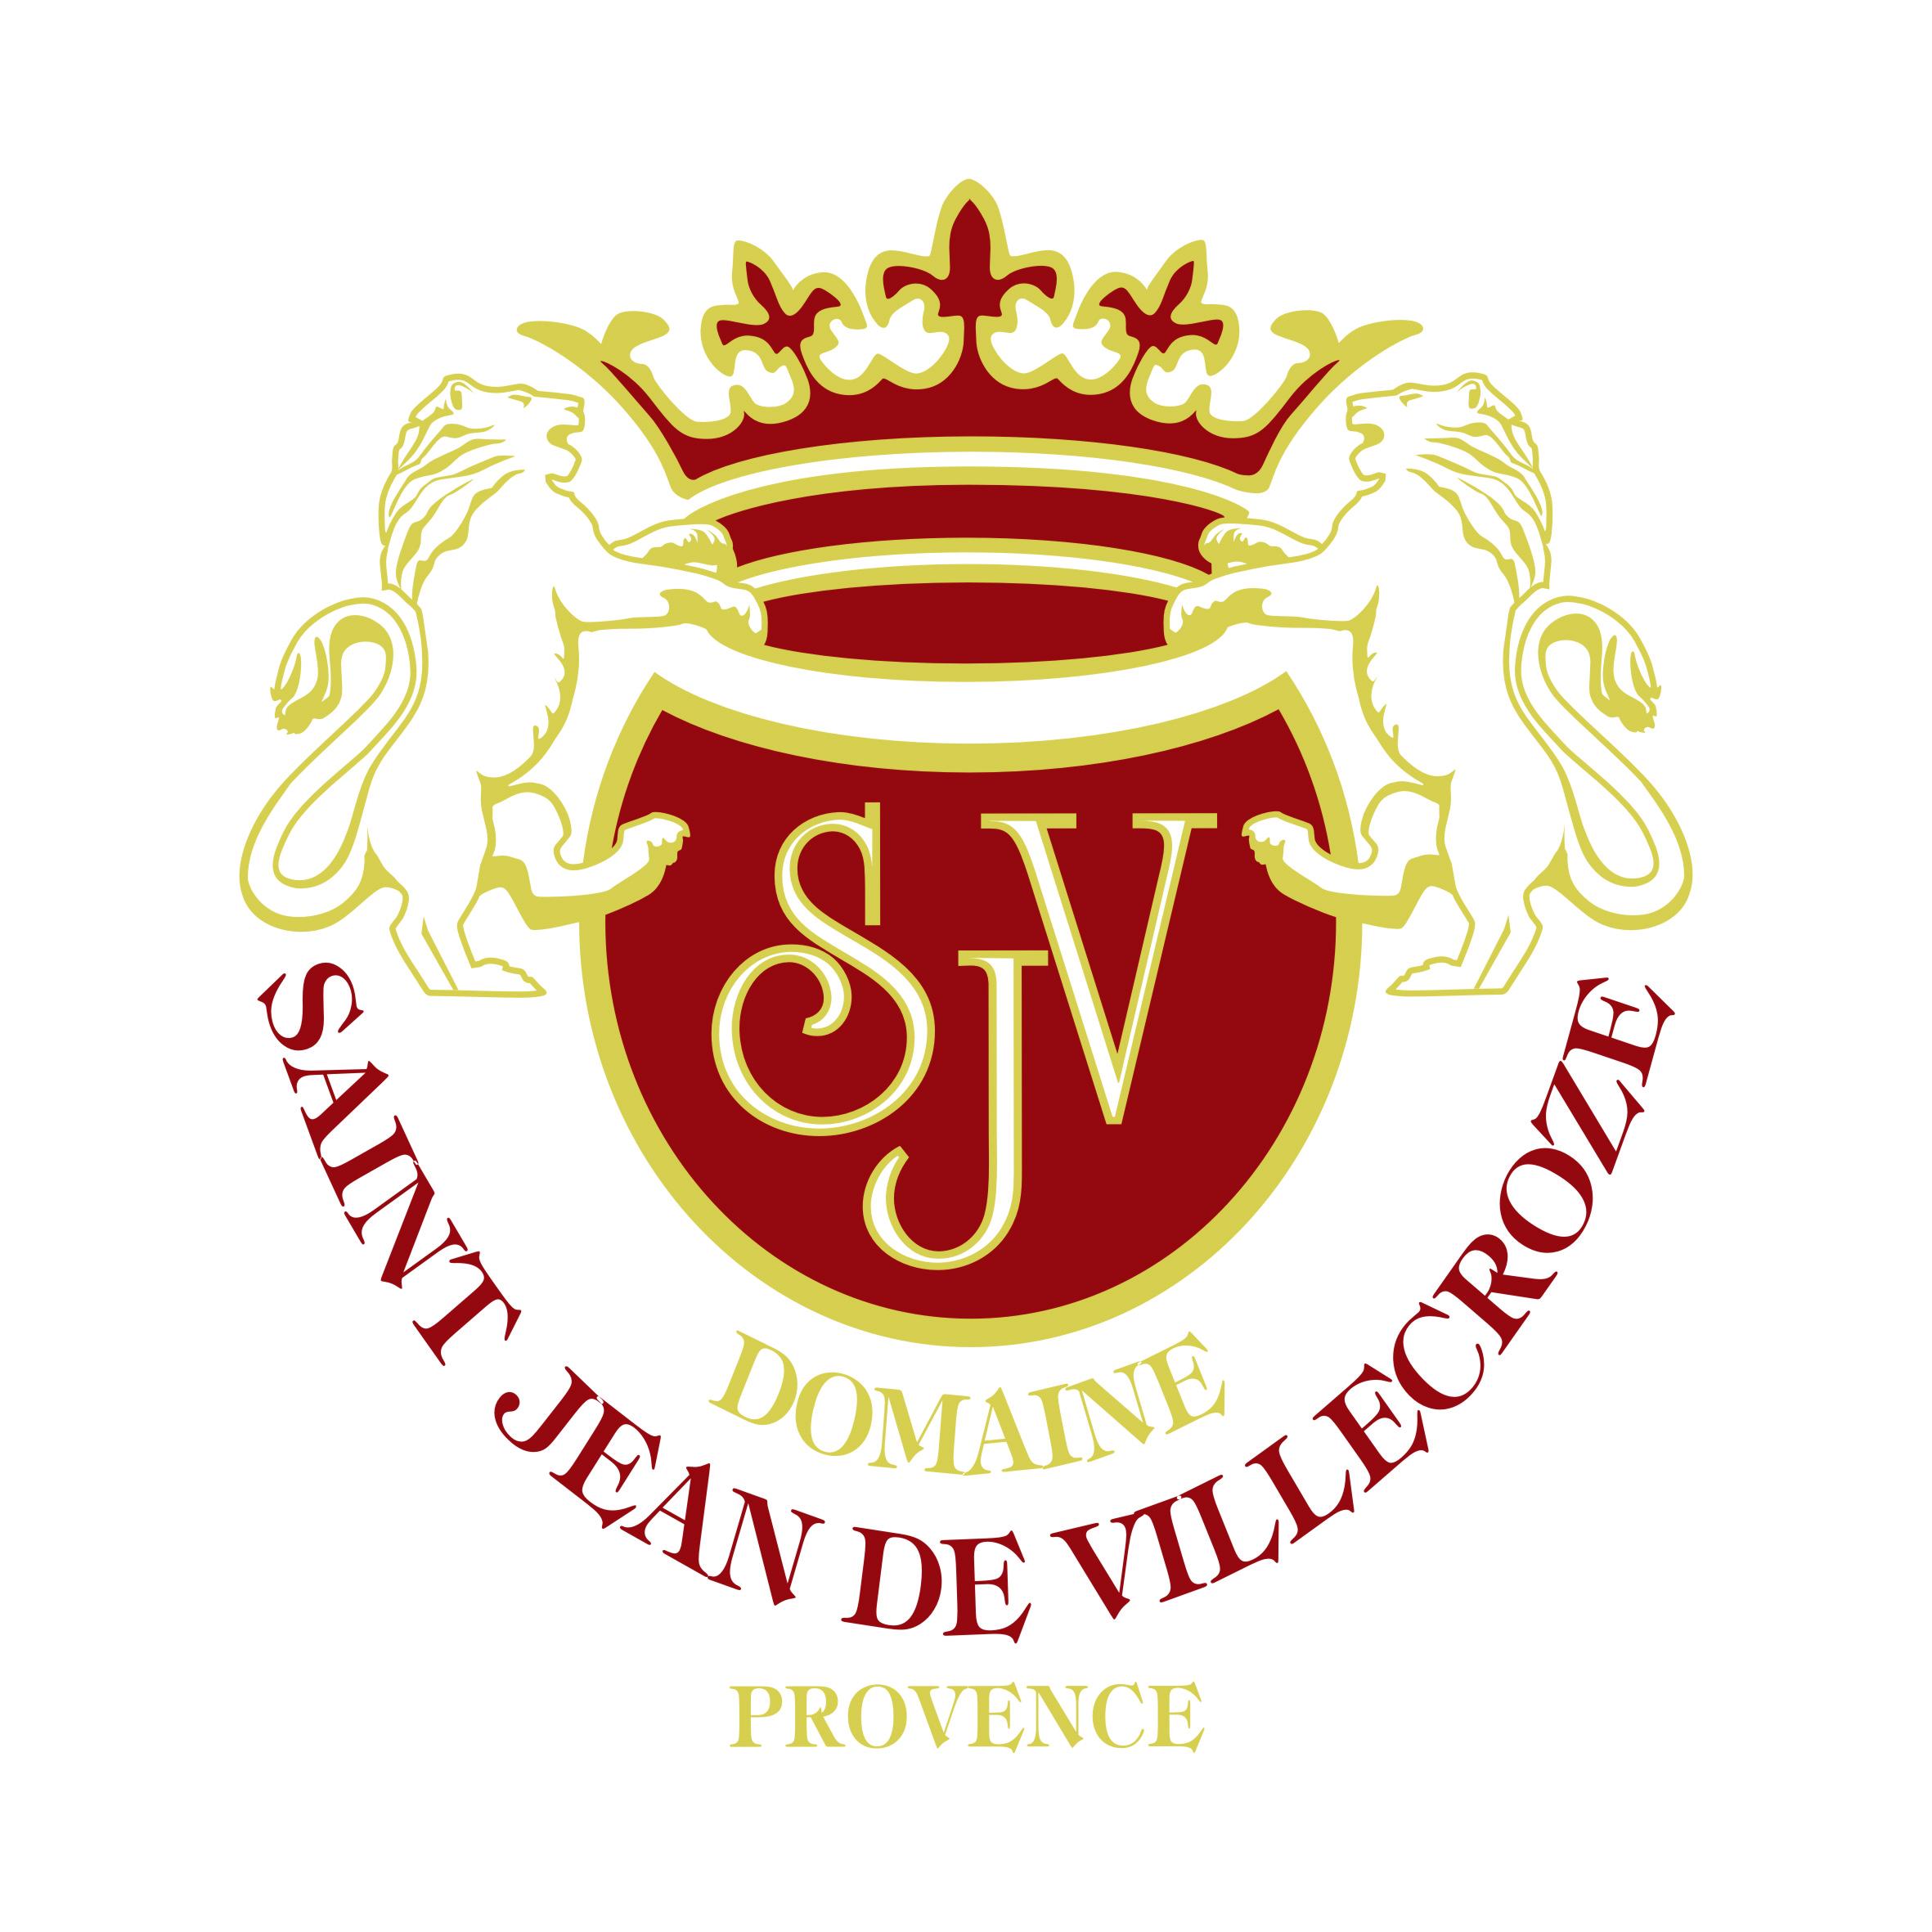 Domaine Saint-Jean de Villecroze